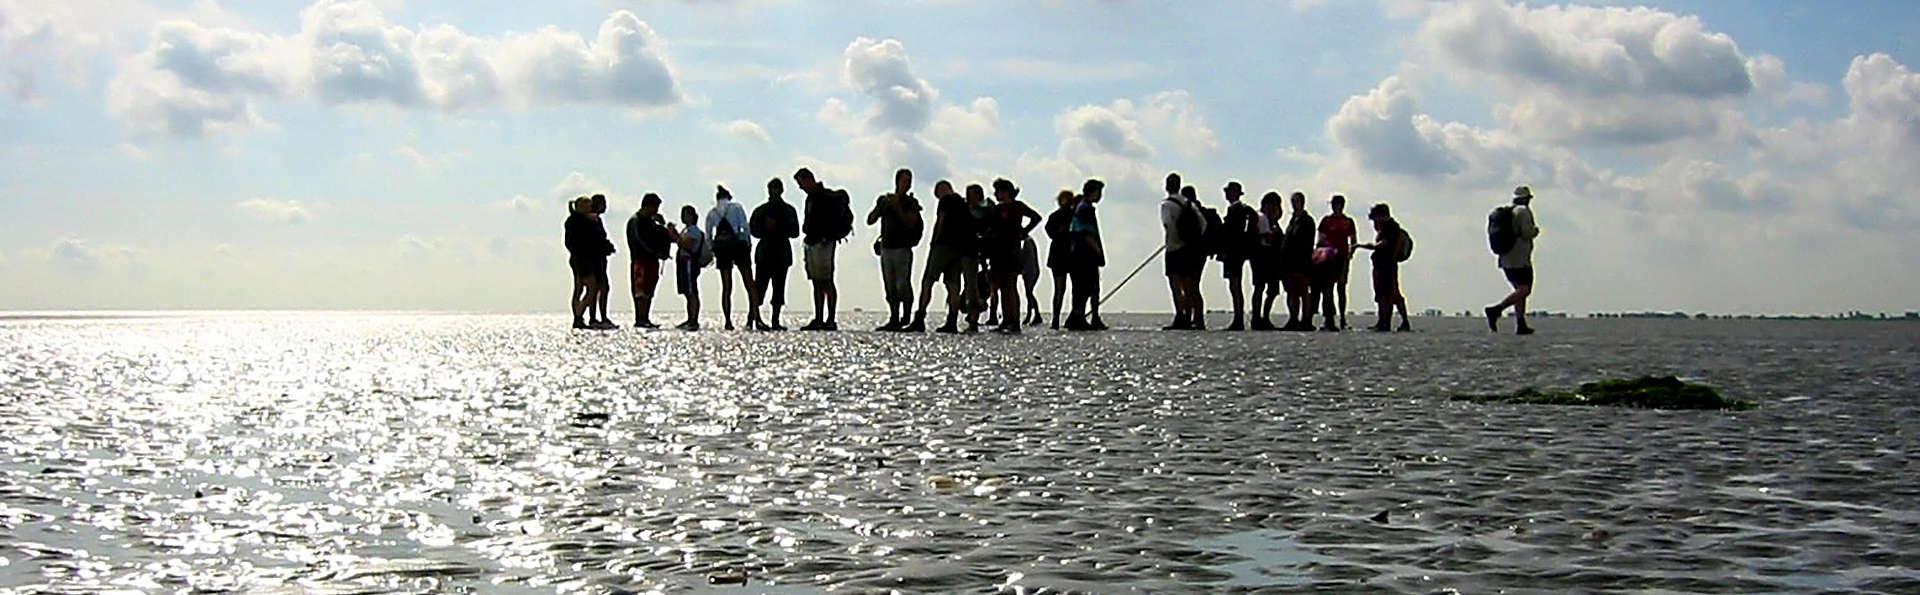 Fletcher Resort-Hotel Amelander Kaap - edit_Wadlopen.jpg